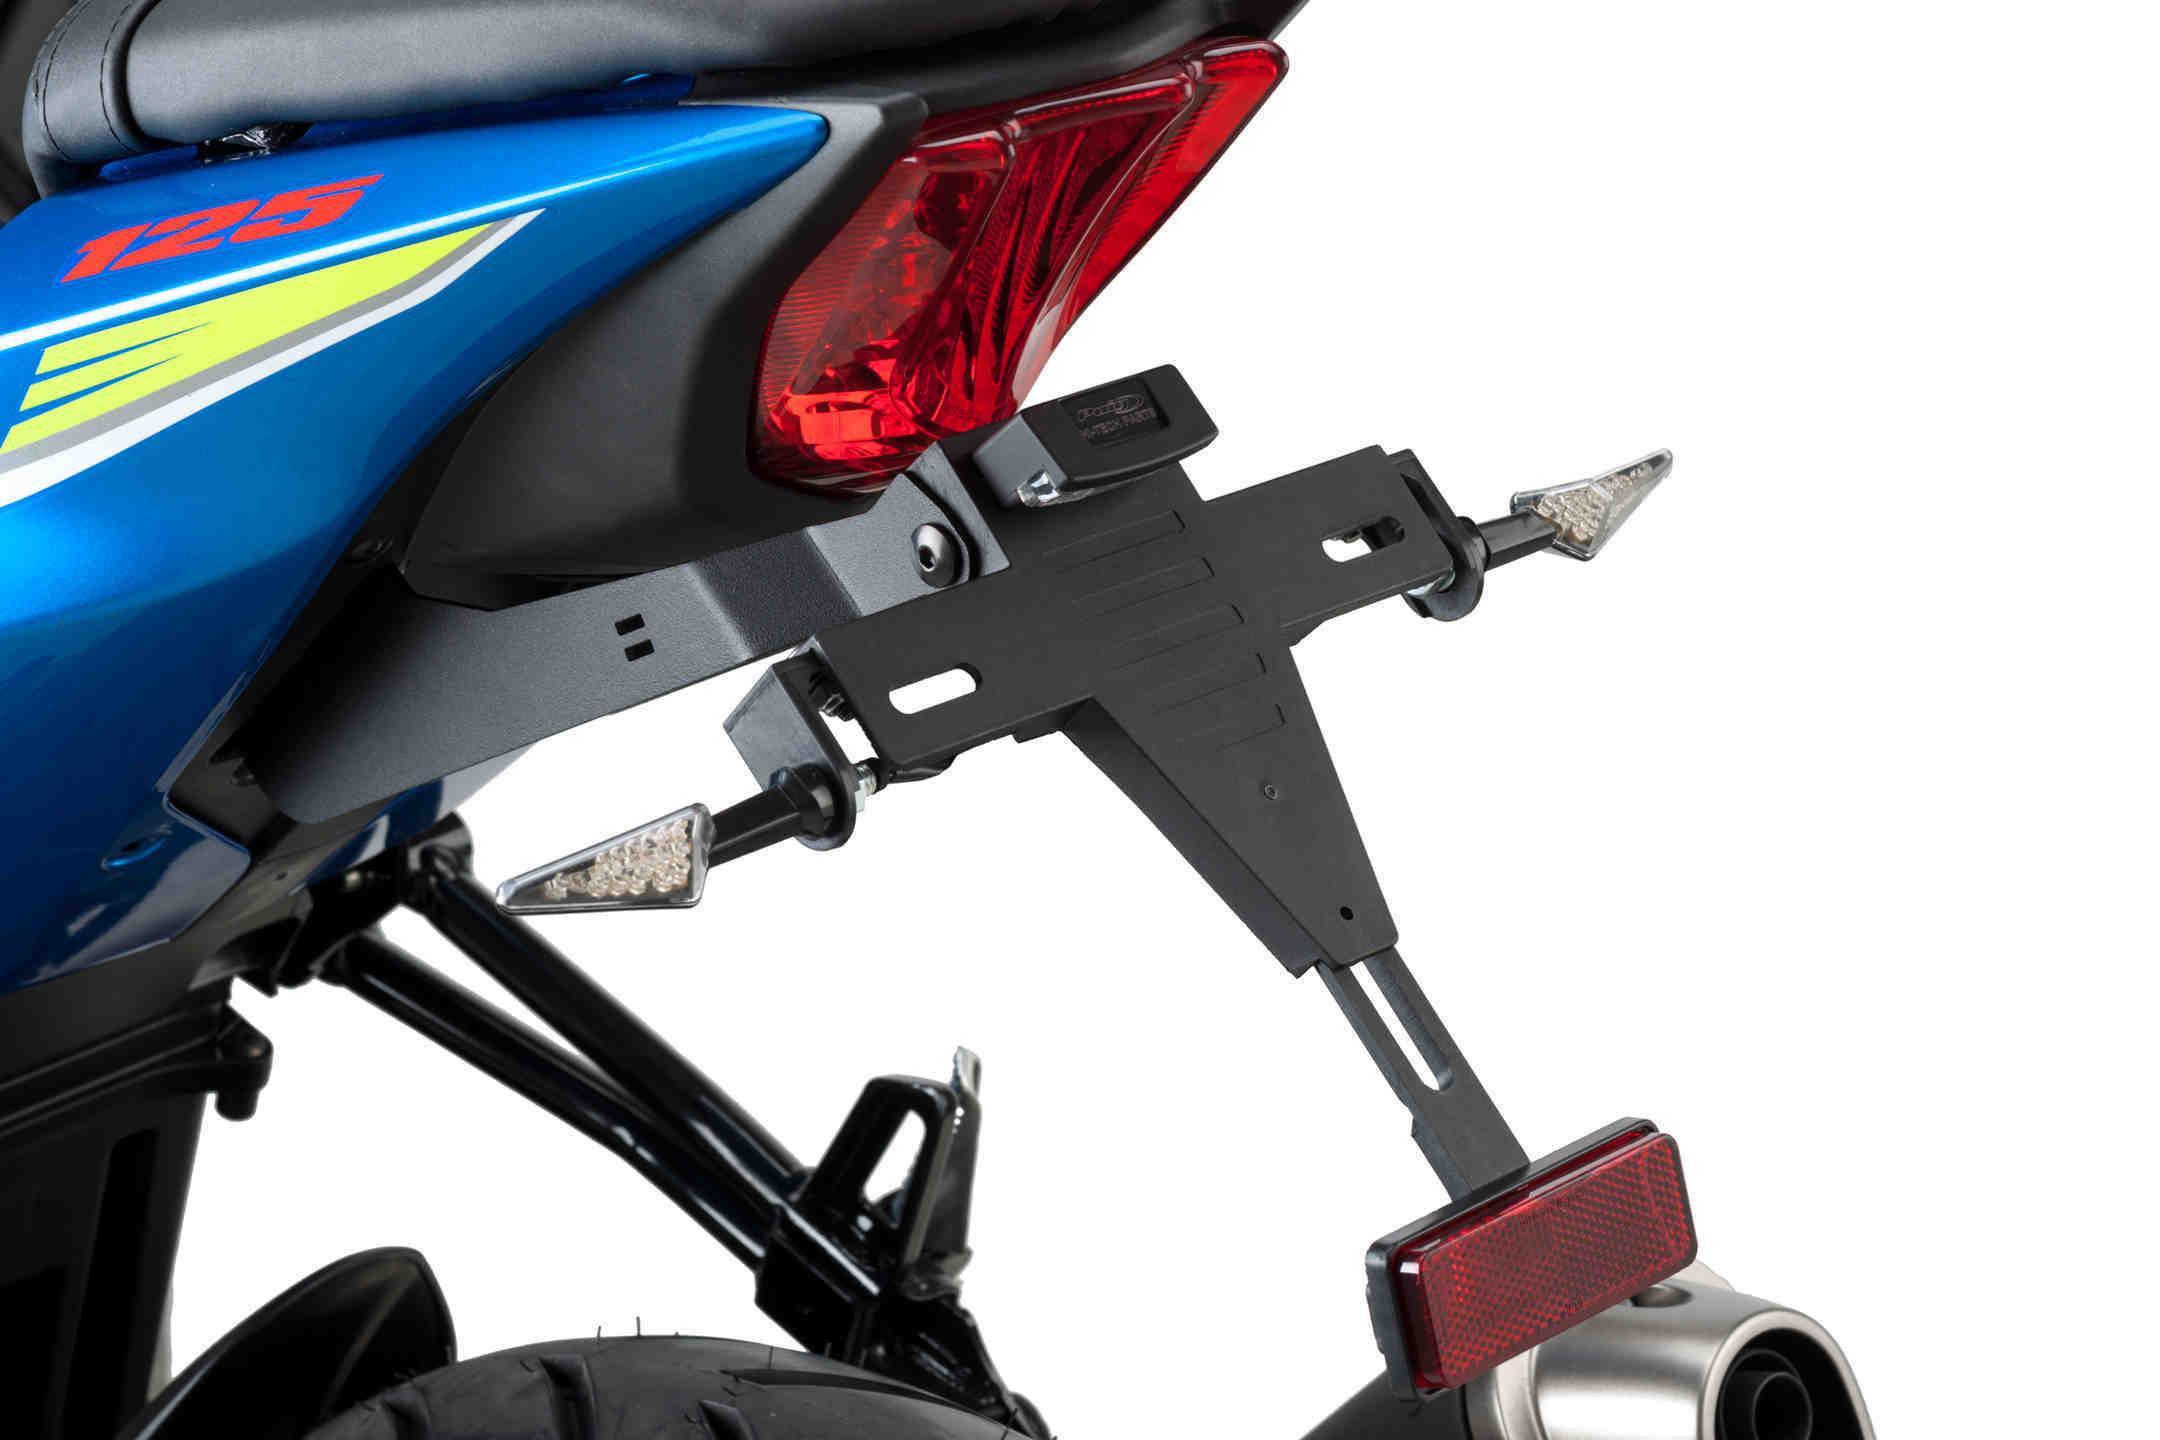 Portamatrículas Puig 6272 para Suzuki GSX-S125 17-18 / GSX-R125 17-18